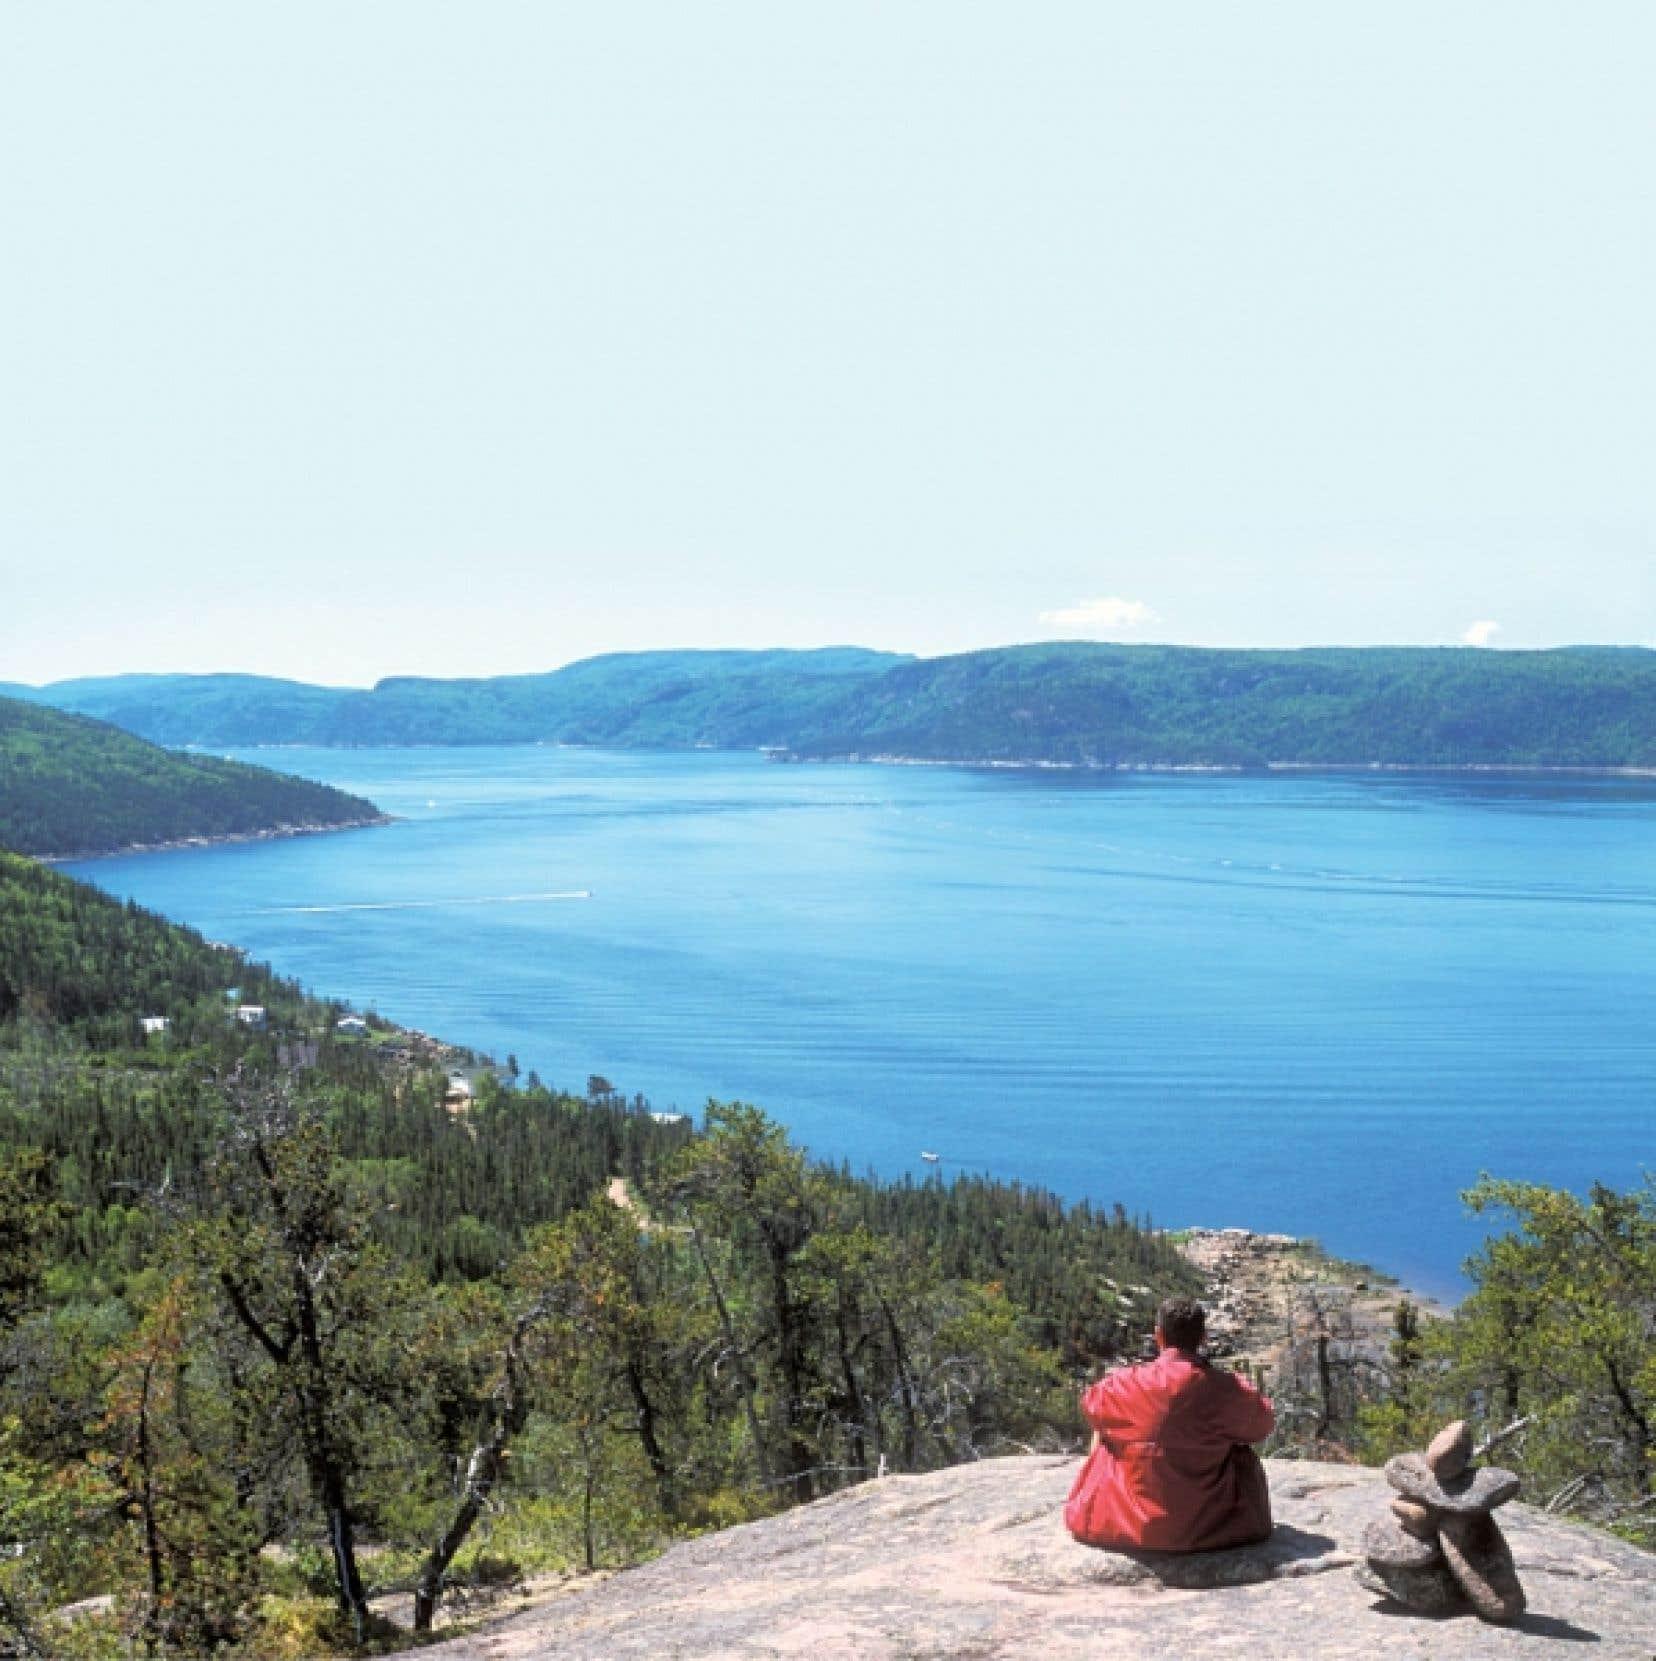 Le fjord du Saguenay s'étend sur plus de 100 kilomètres de splendides paysages.